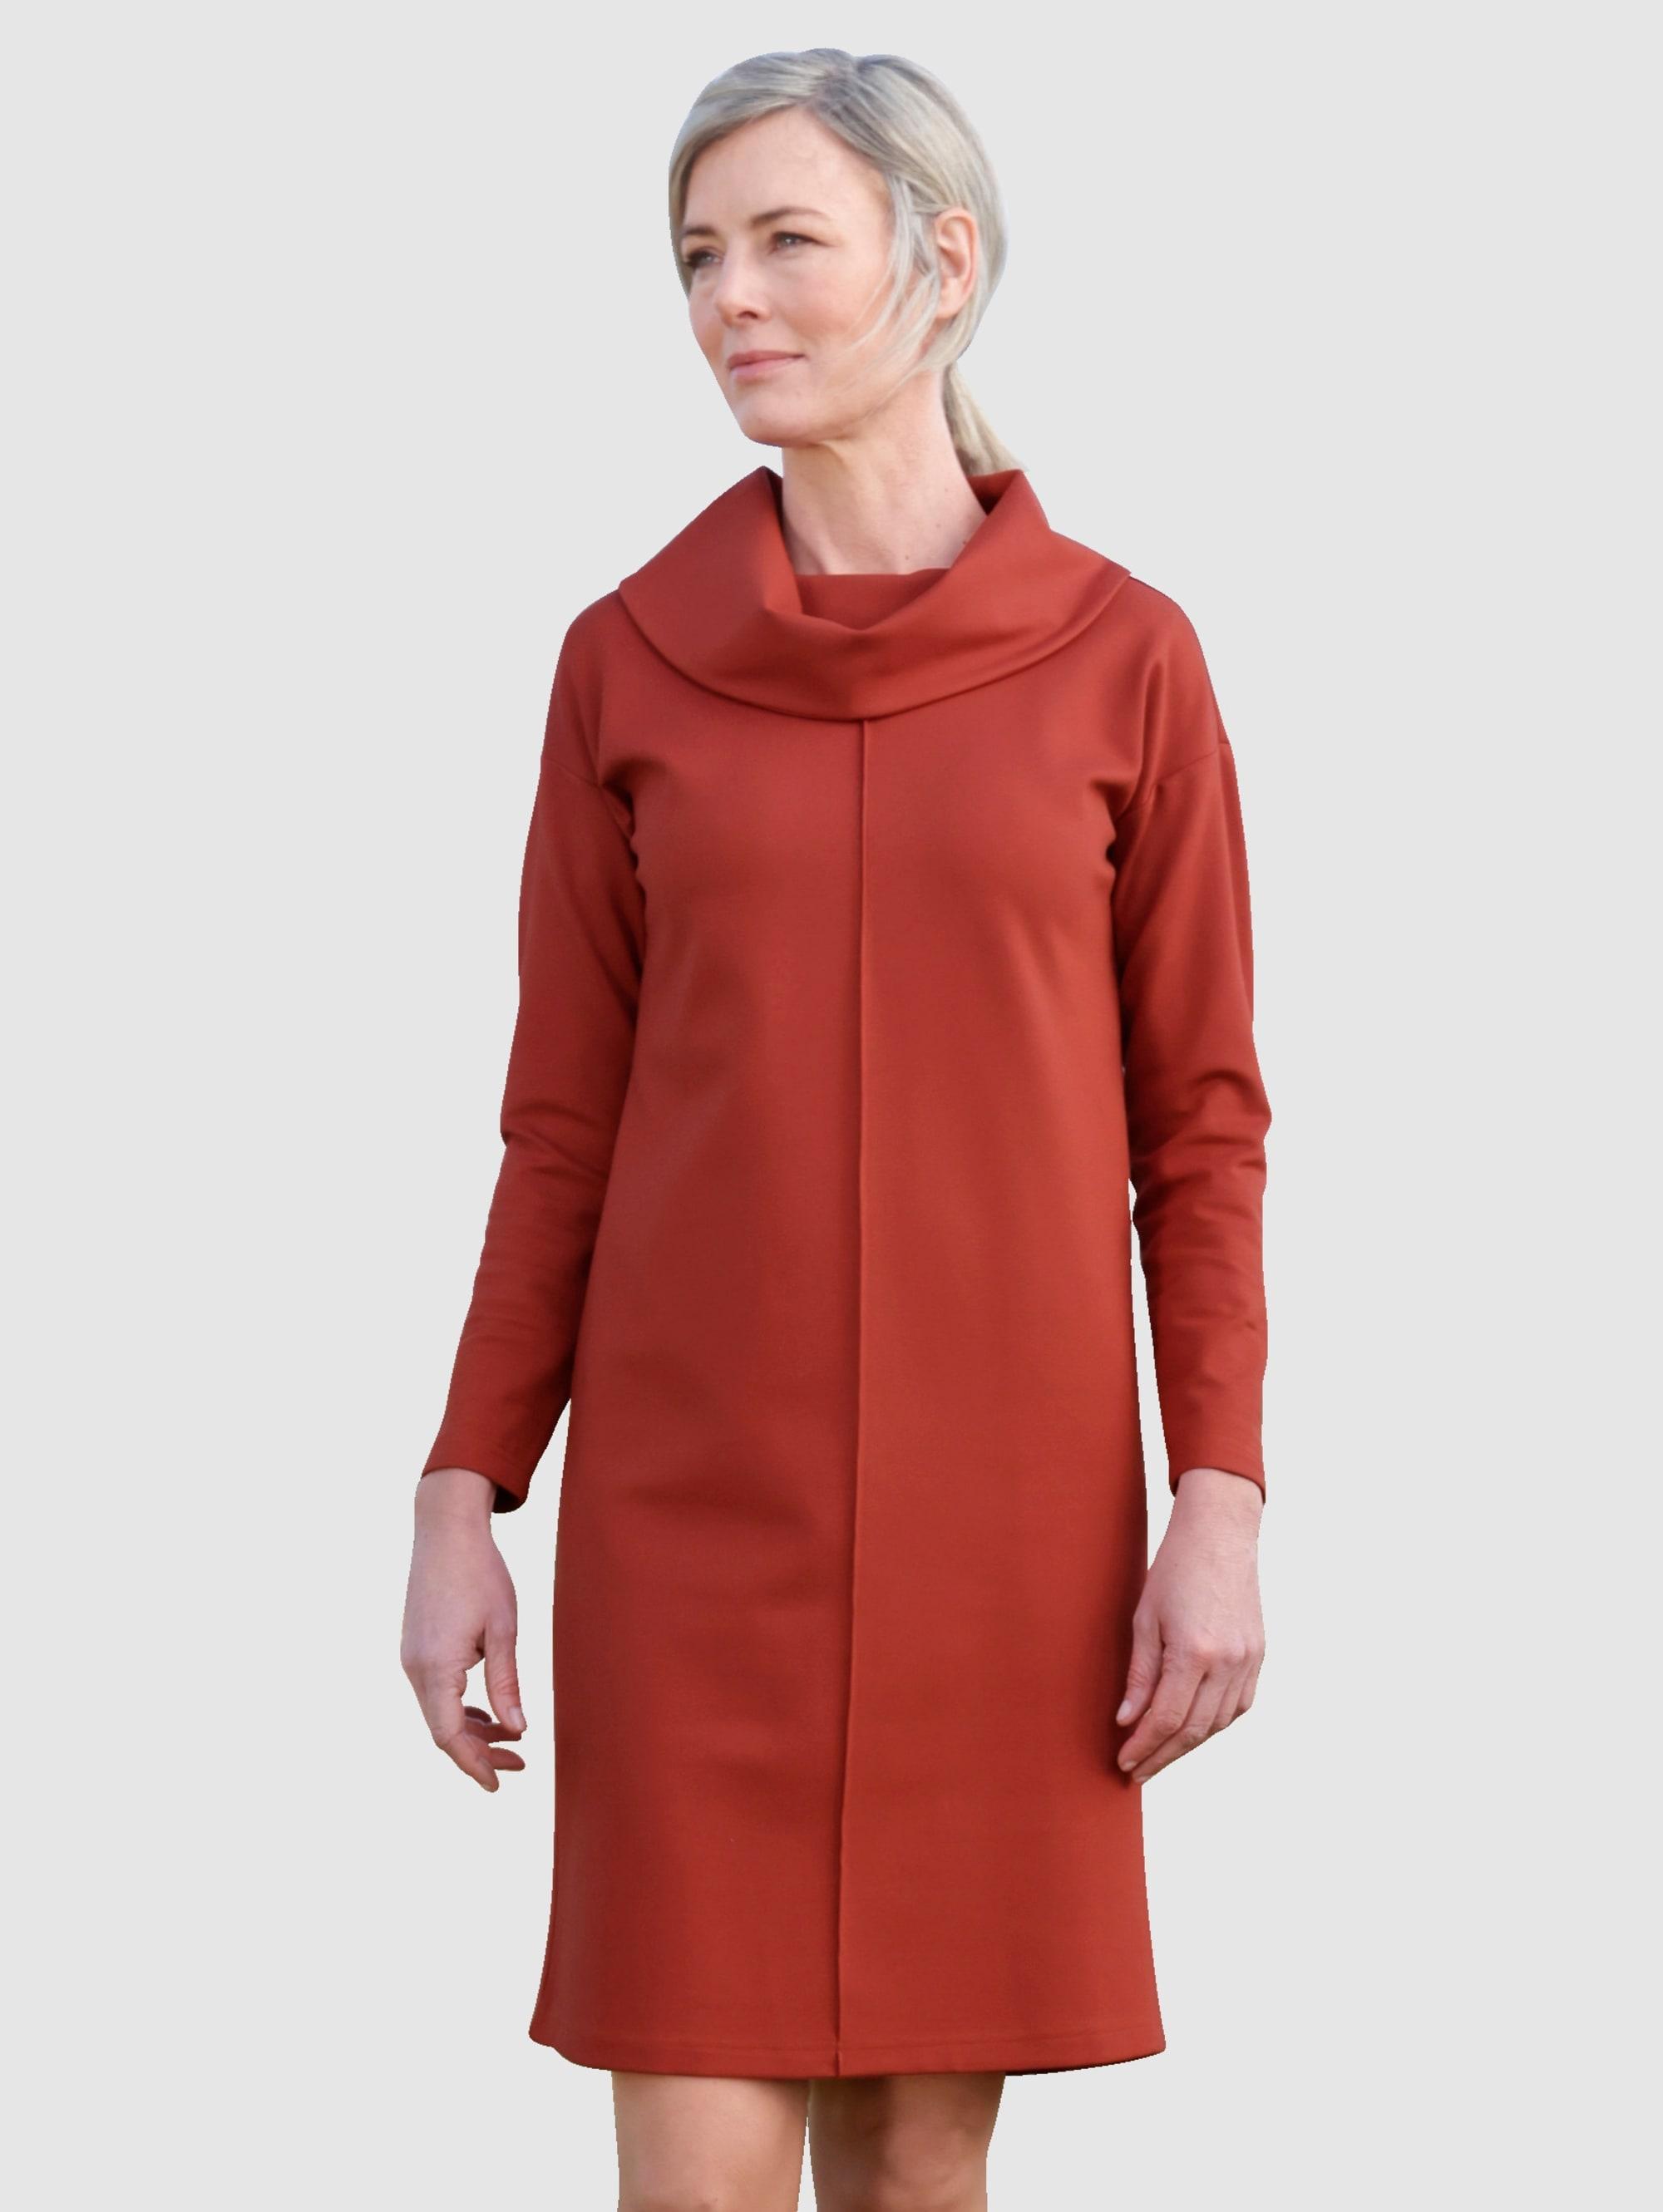 dress in -  Etuikleid, mit breitem Rollkragen